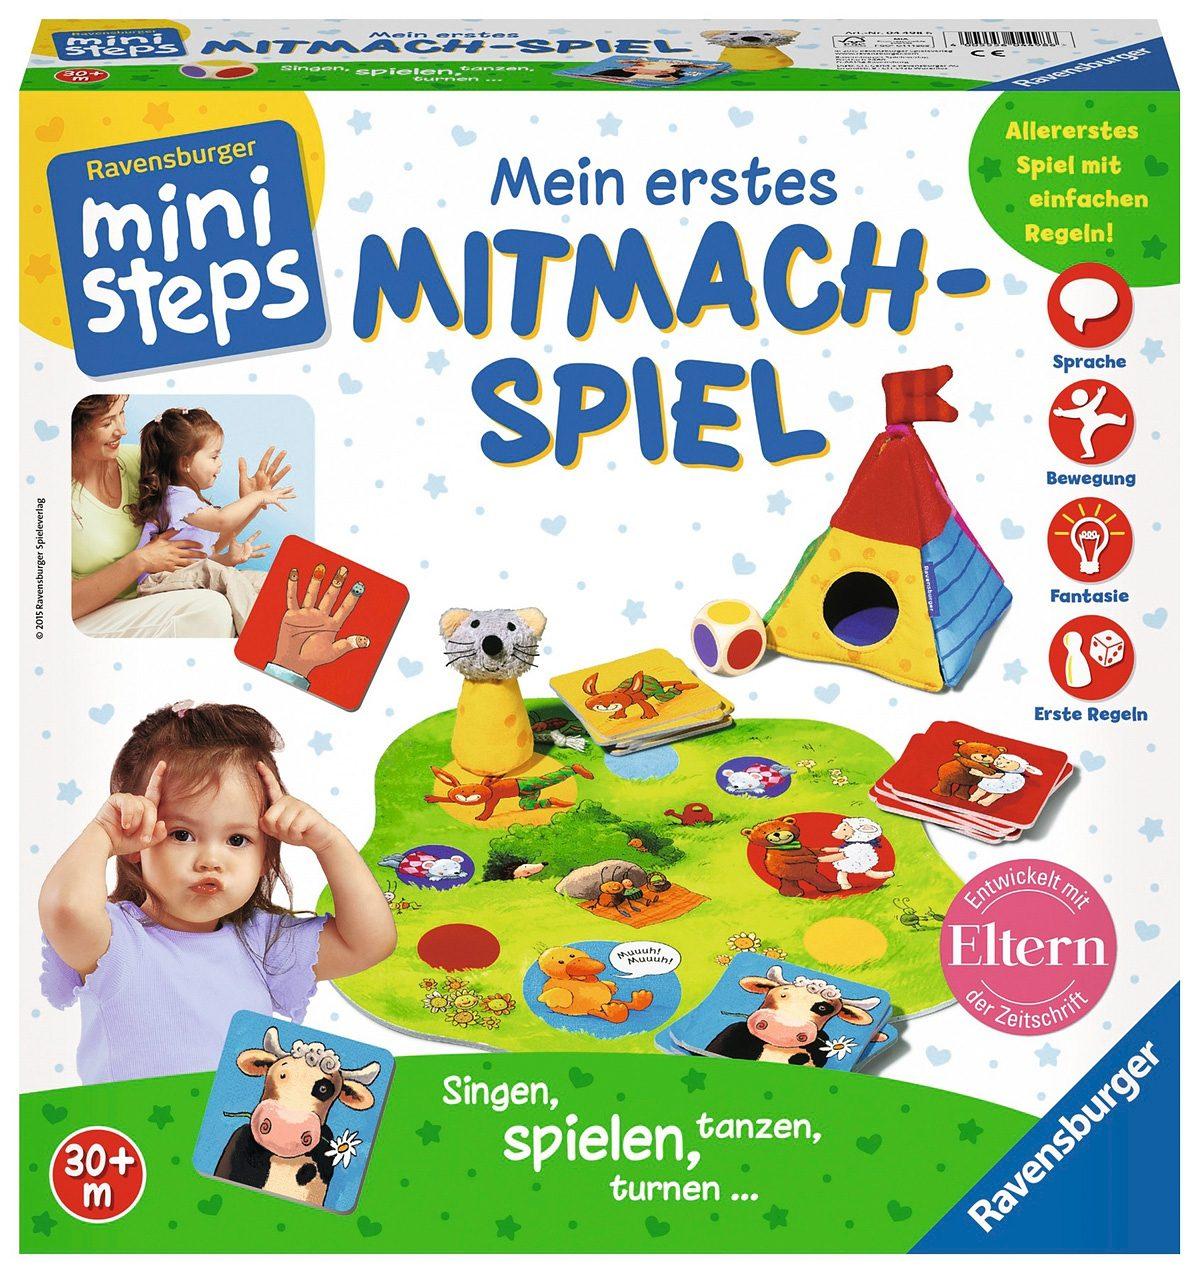 Ravensburger Spiel, ministeps®, »Mein erstes Mitmach-Spiel«